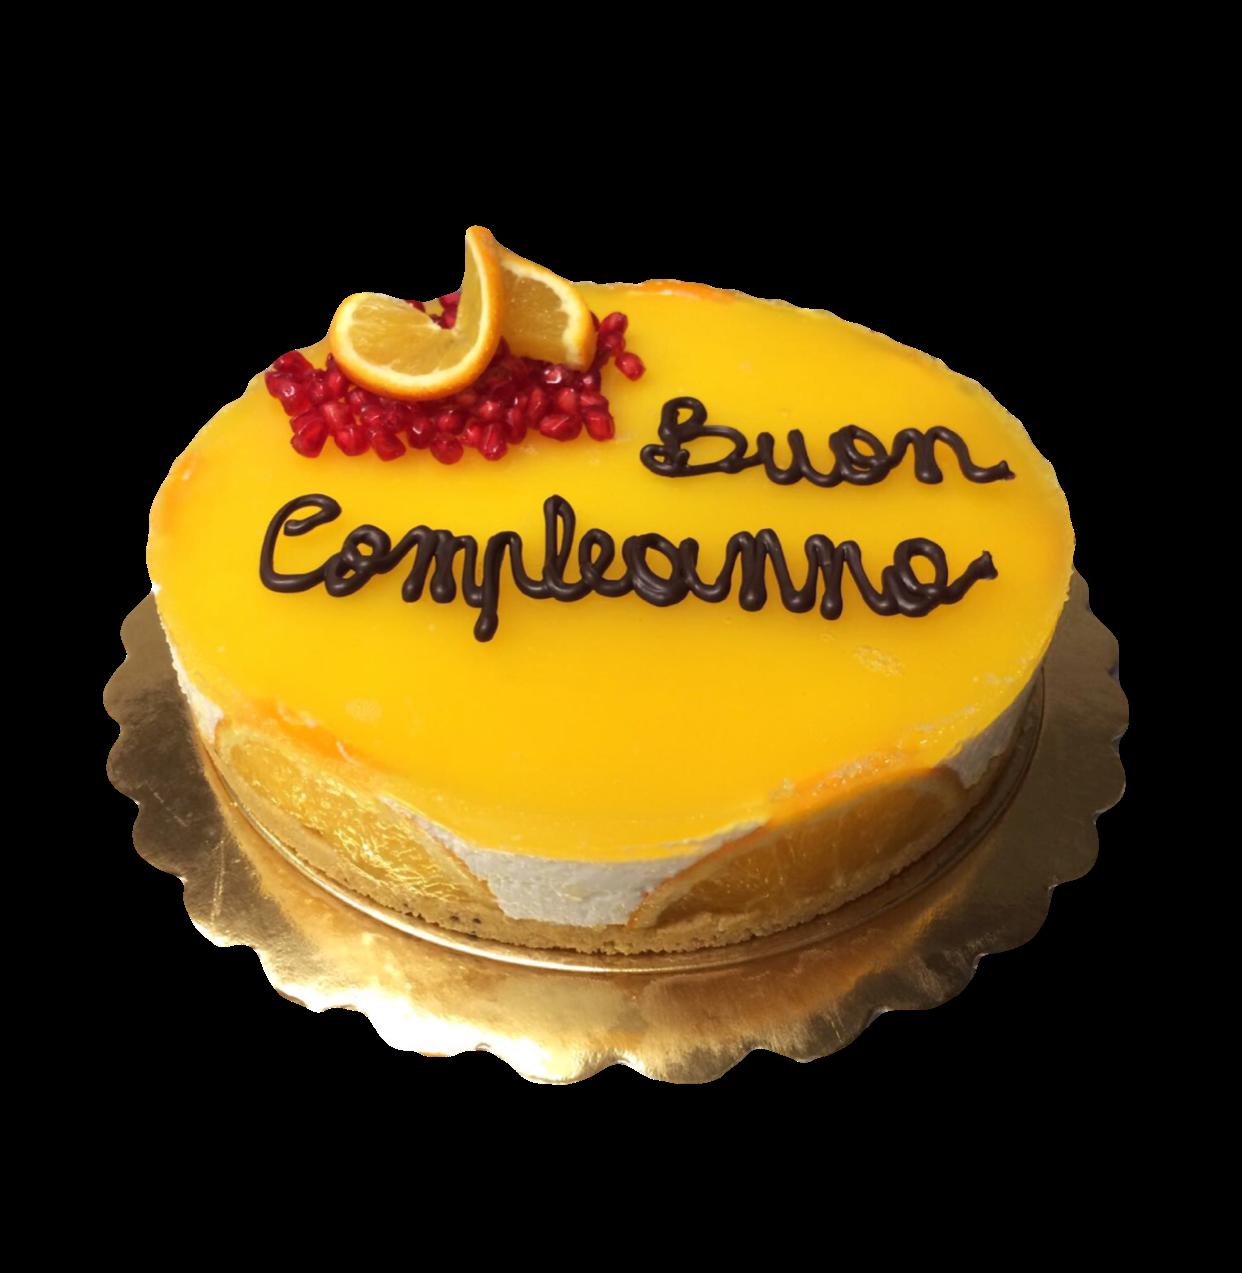 torta cheesecake senza glutine e senza lattosio personalizzabile compleanno